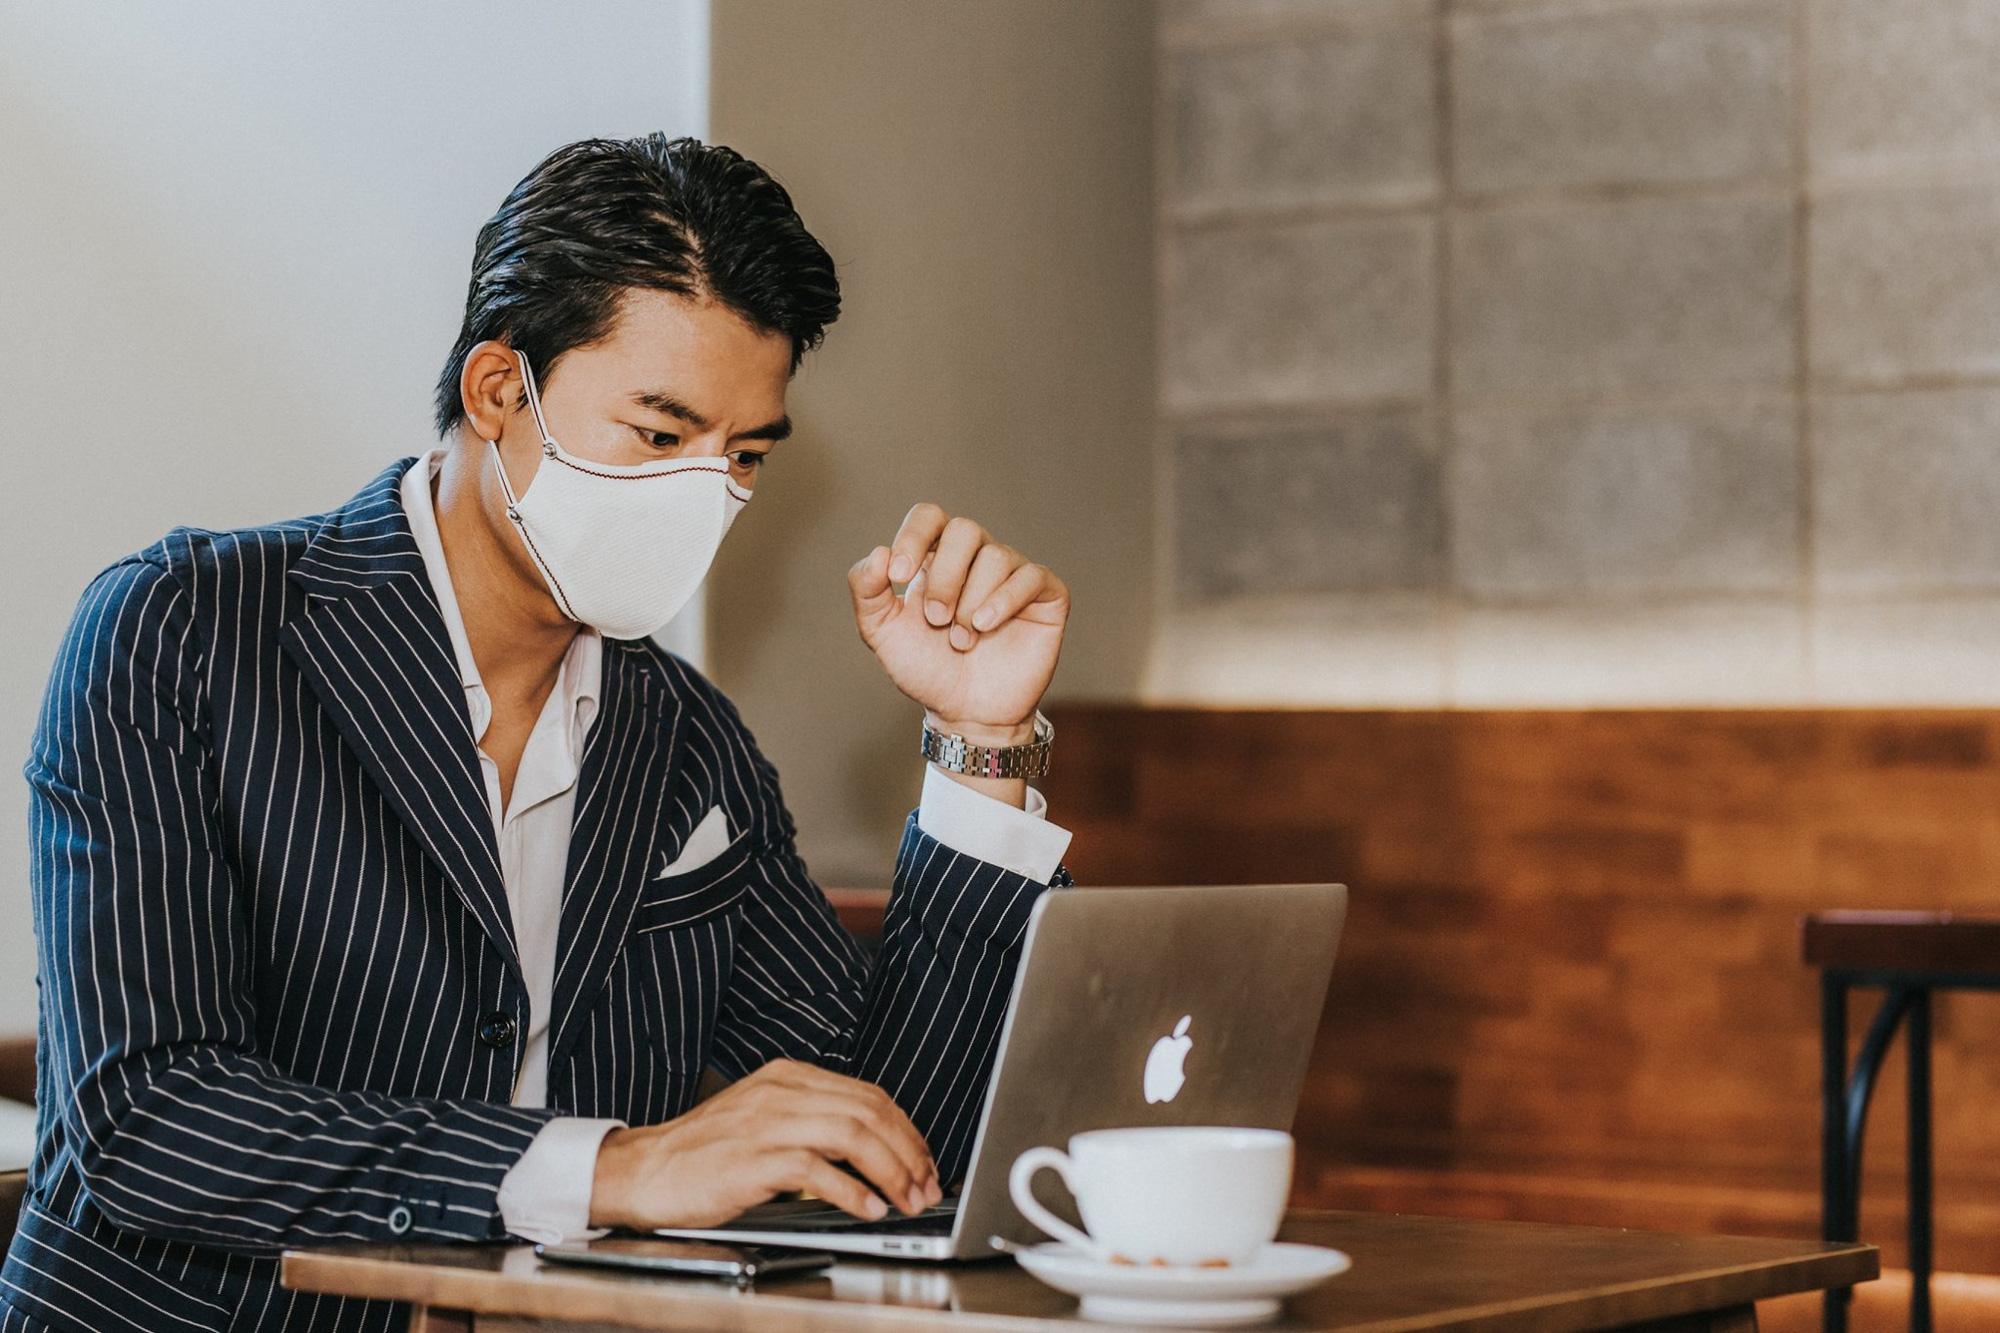 Sau khi sản xuất giày từ bã cà phê, startup Việt tiếp tục ra mắt khẩu trang cà phê, giúp người dùng tiết kiệm 1.000 - 3.000 đồng/ngày - Ảnh 1.